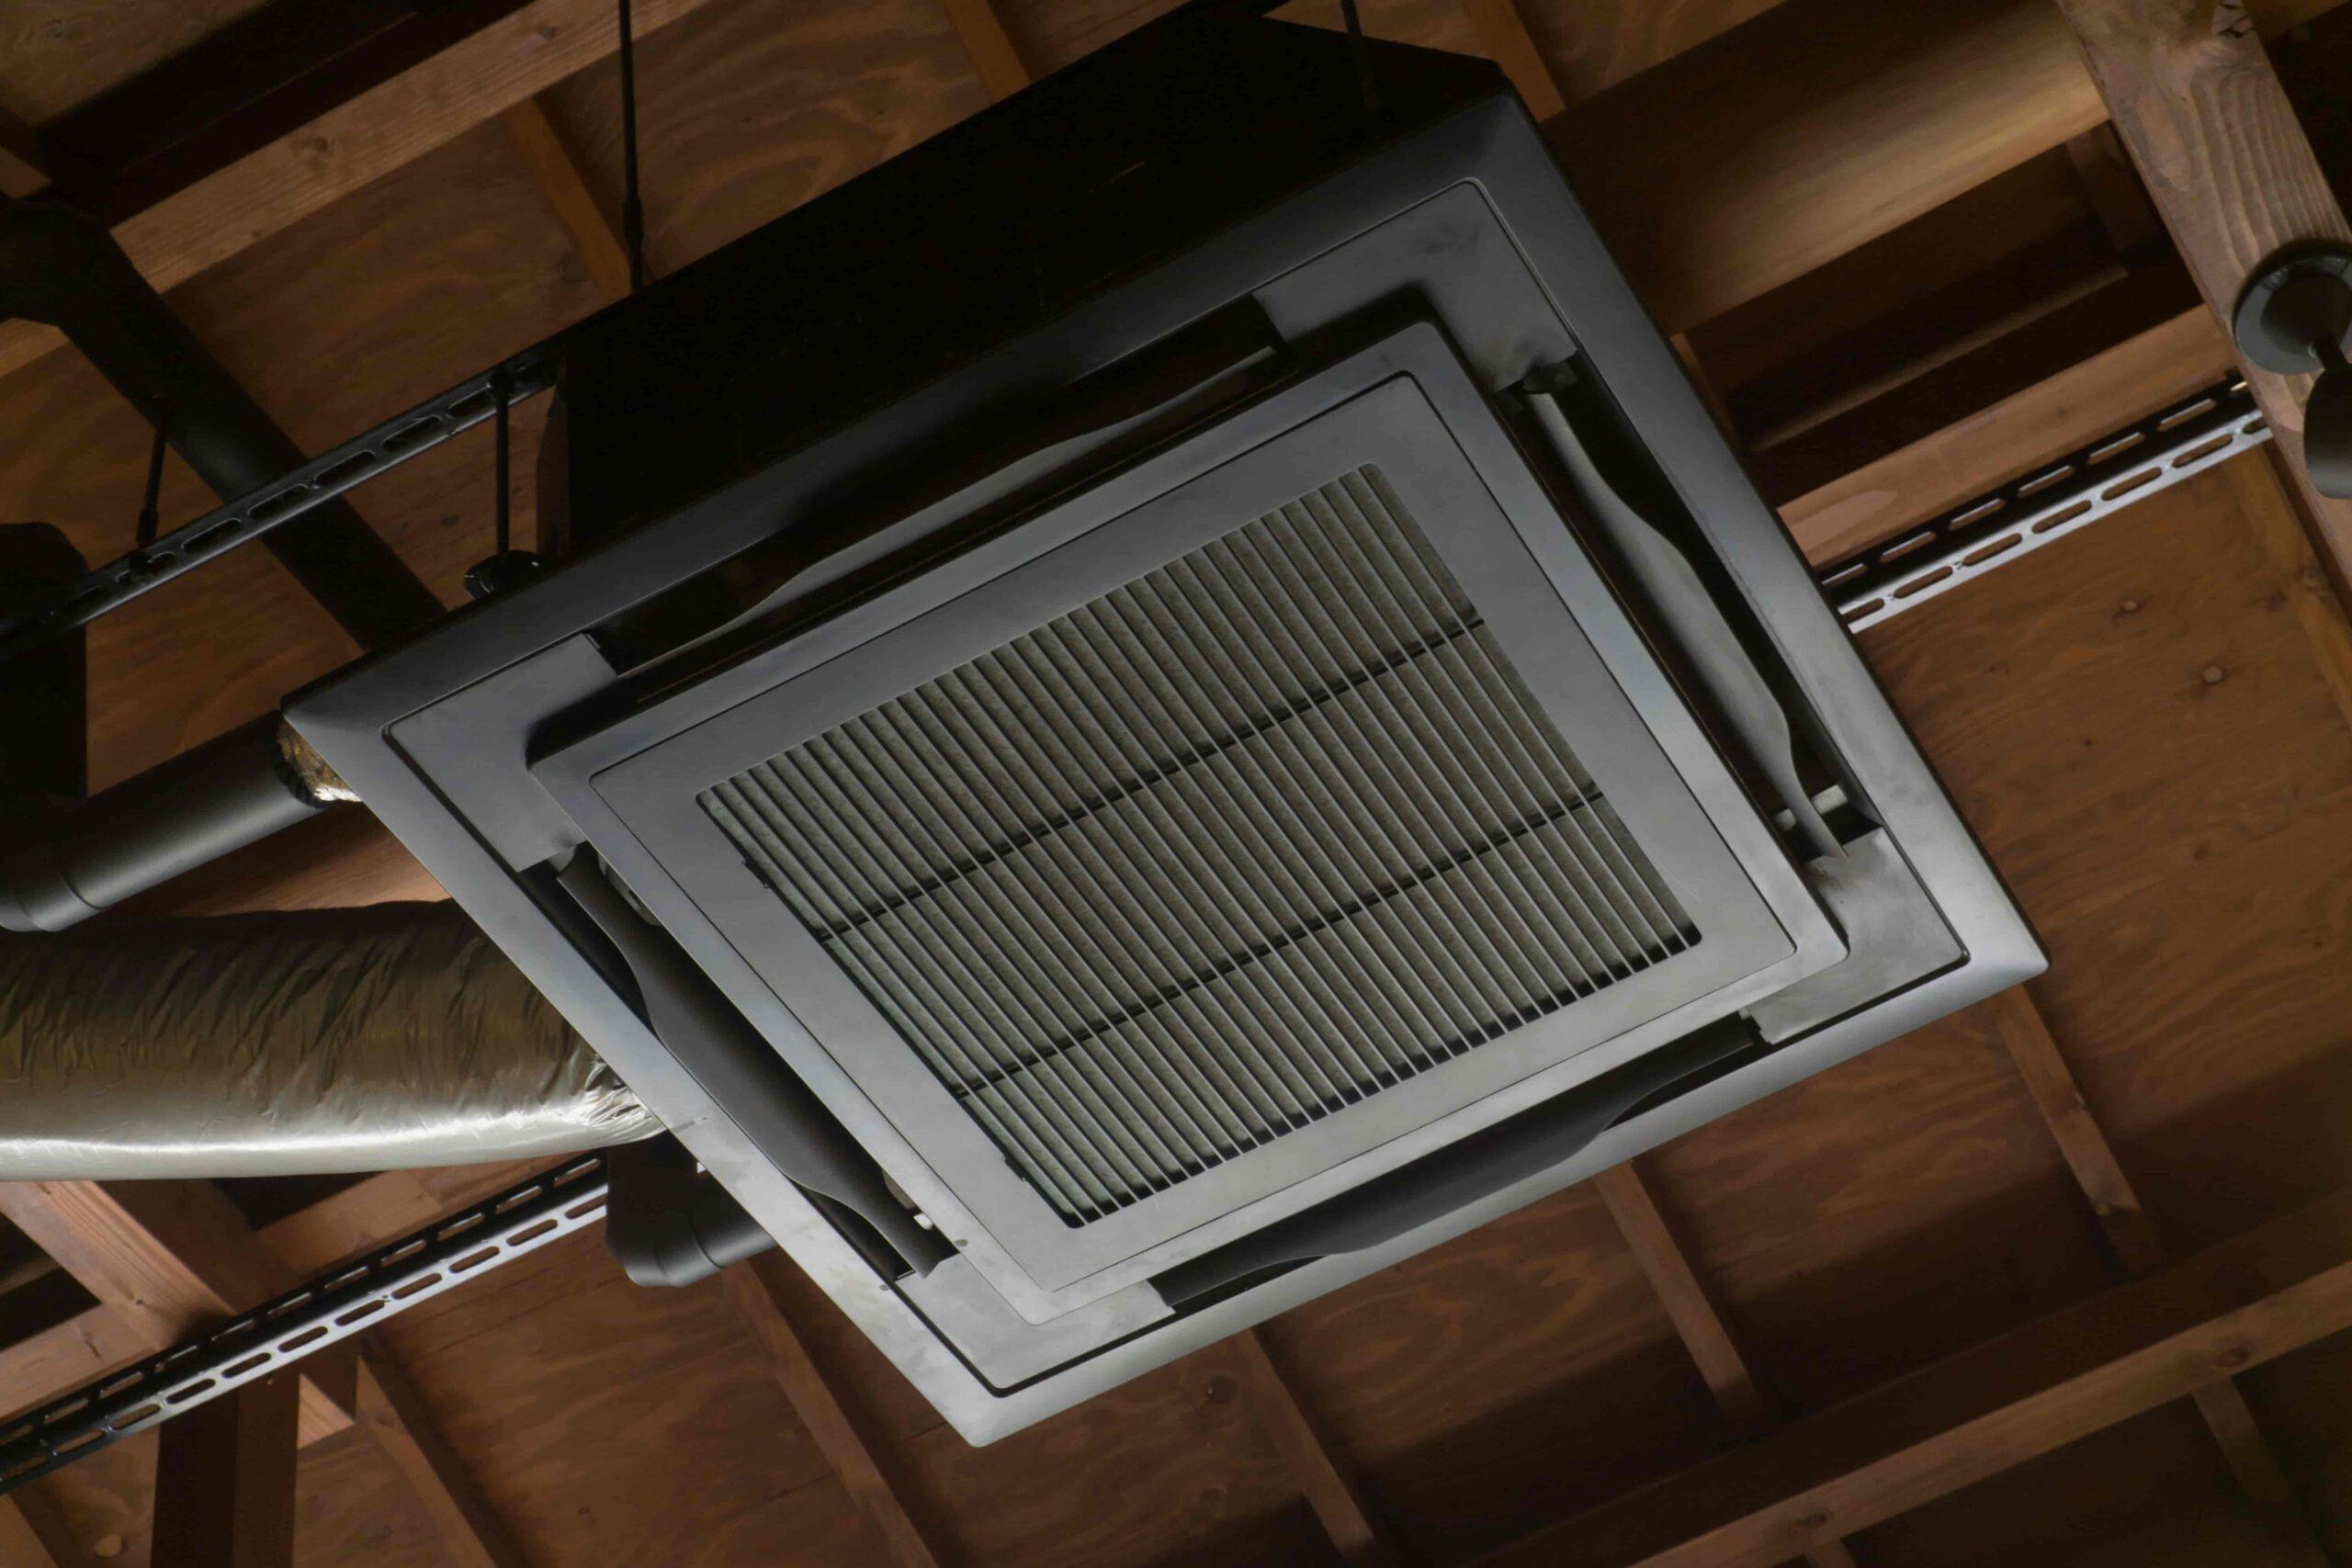 「業務用エアコンが壊れやすい環境と故障の予防策とは」を公開しました。